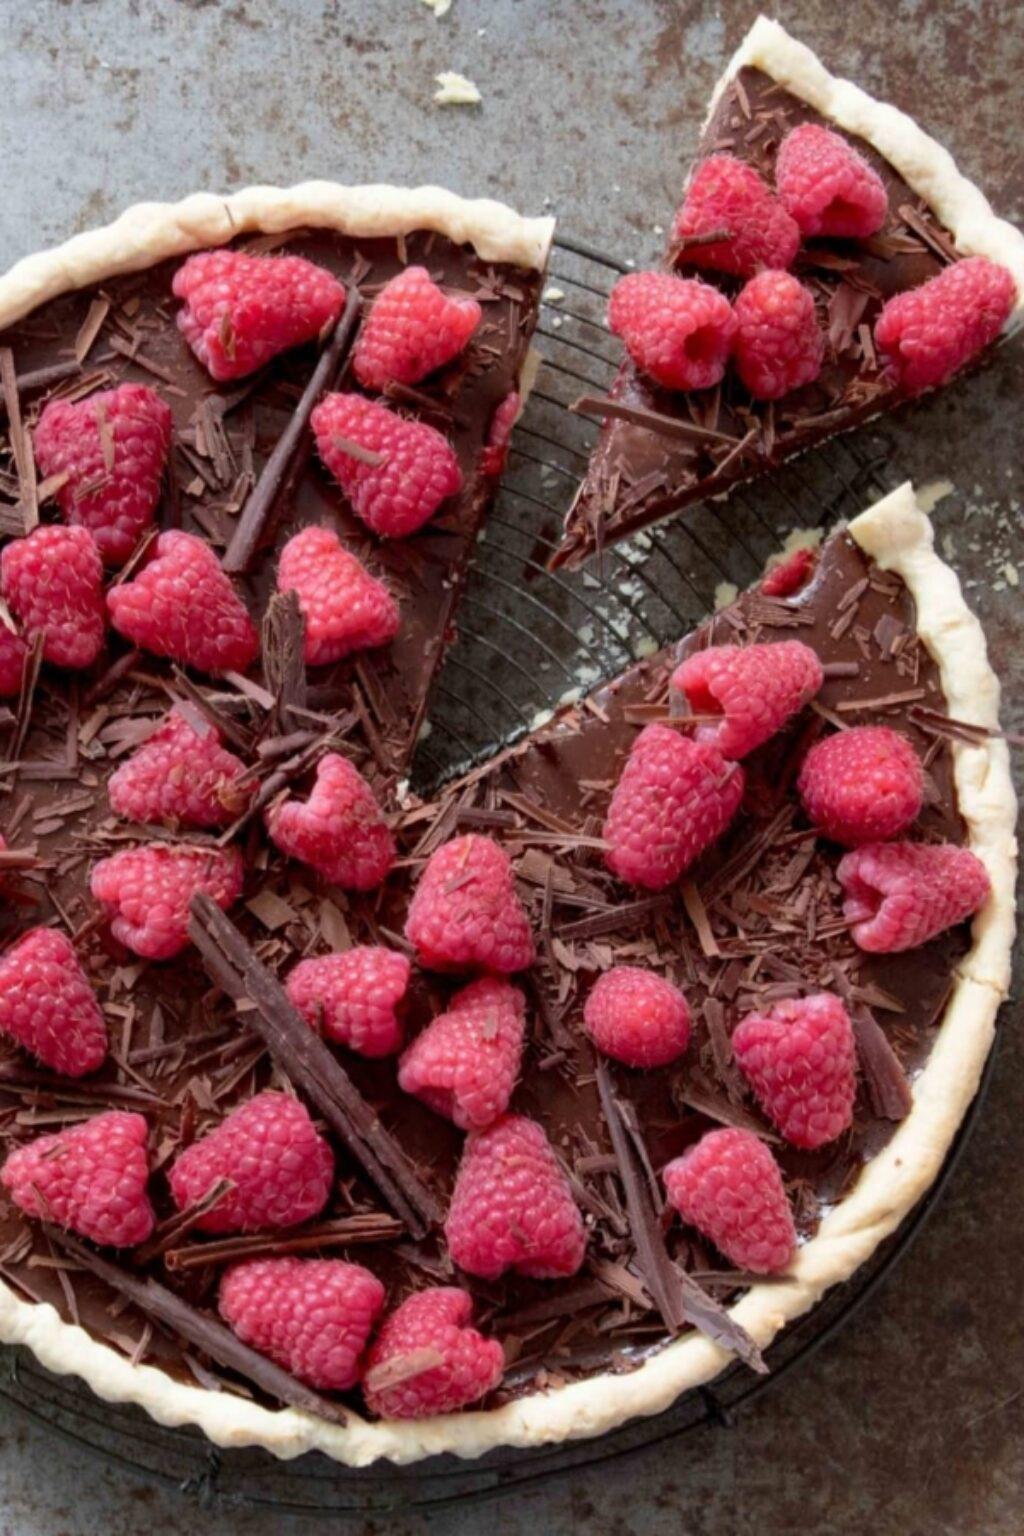 Chocoladetaart met frambozen – recept